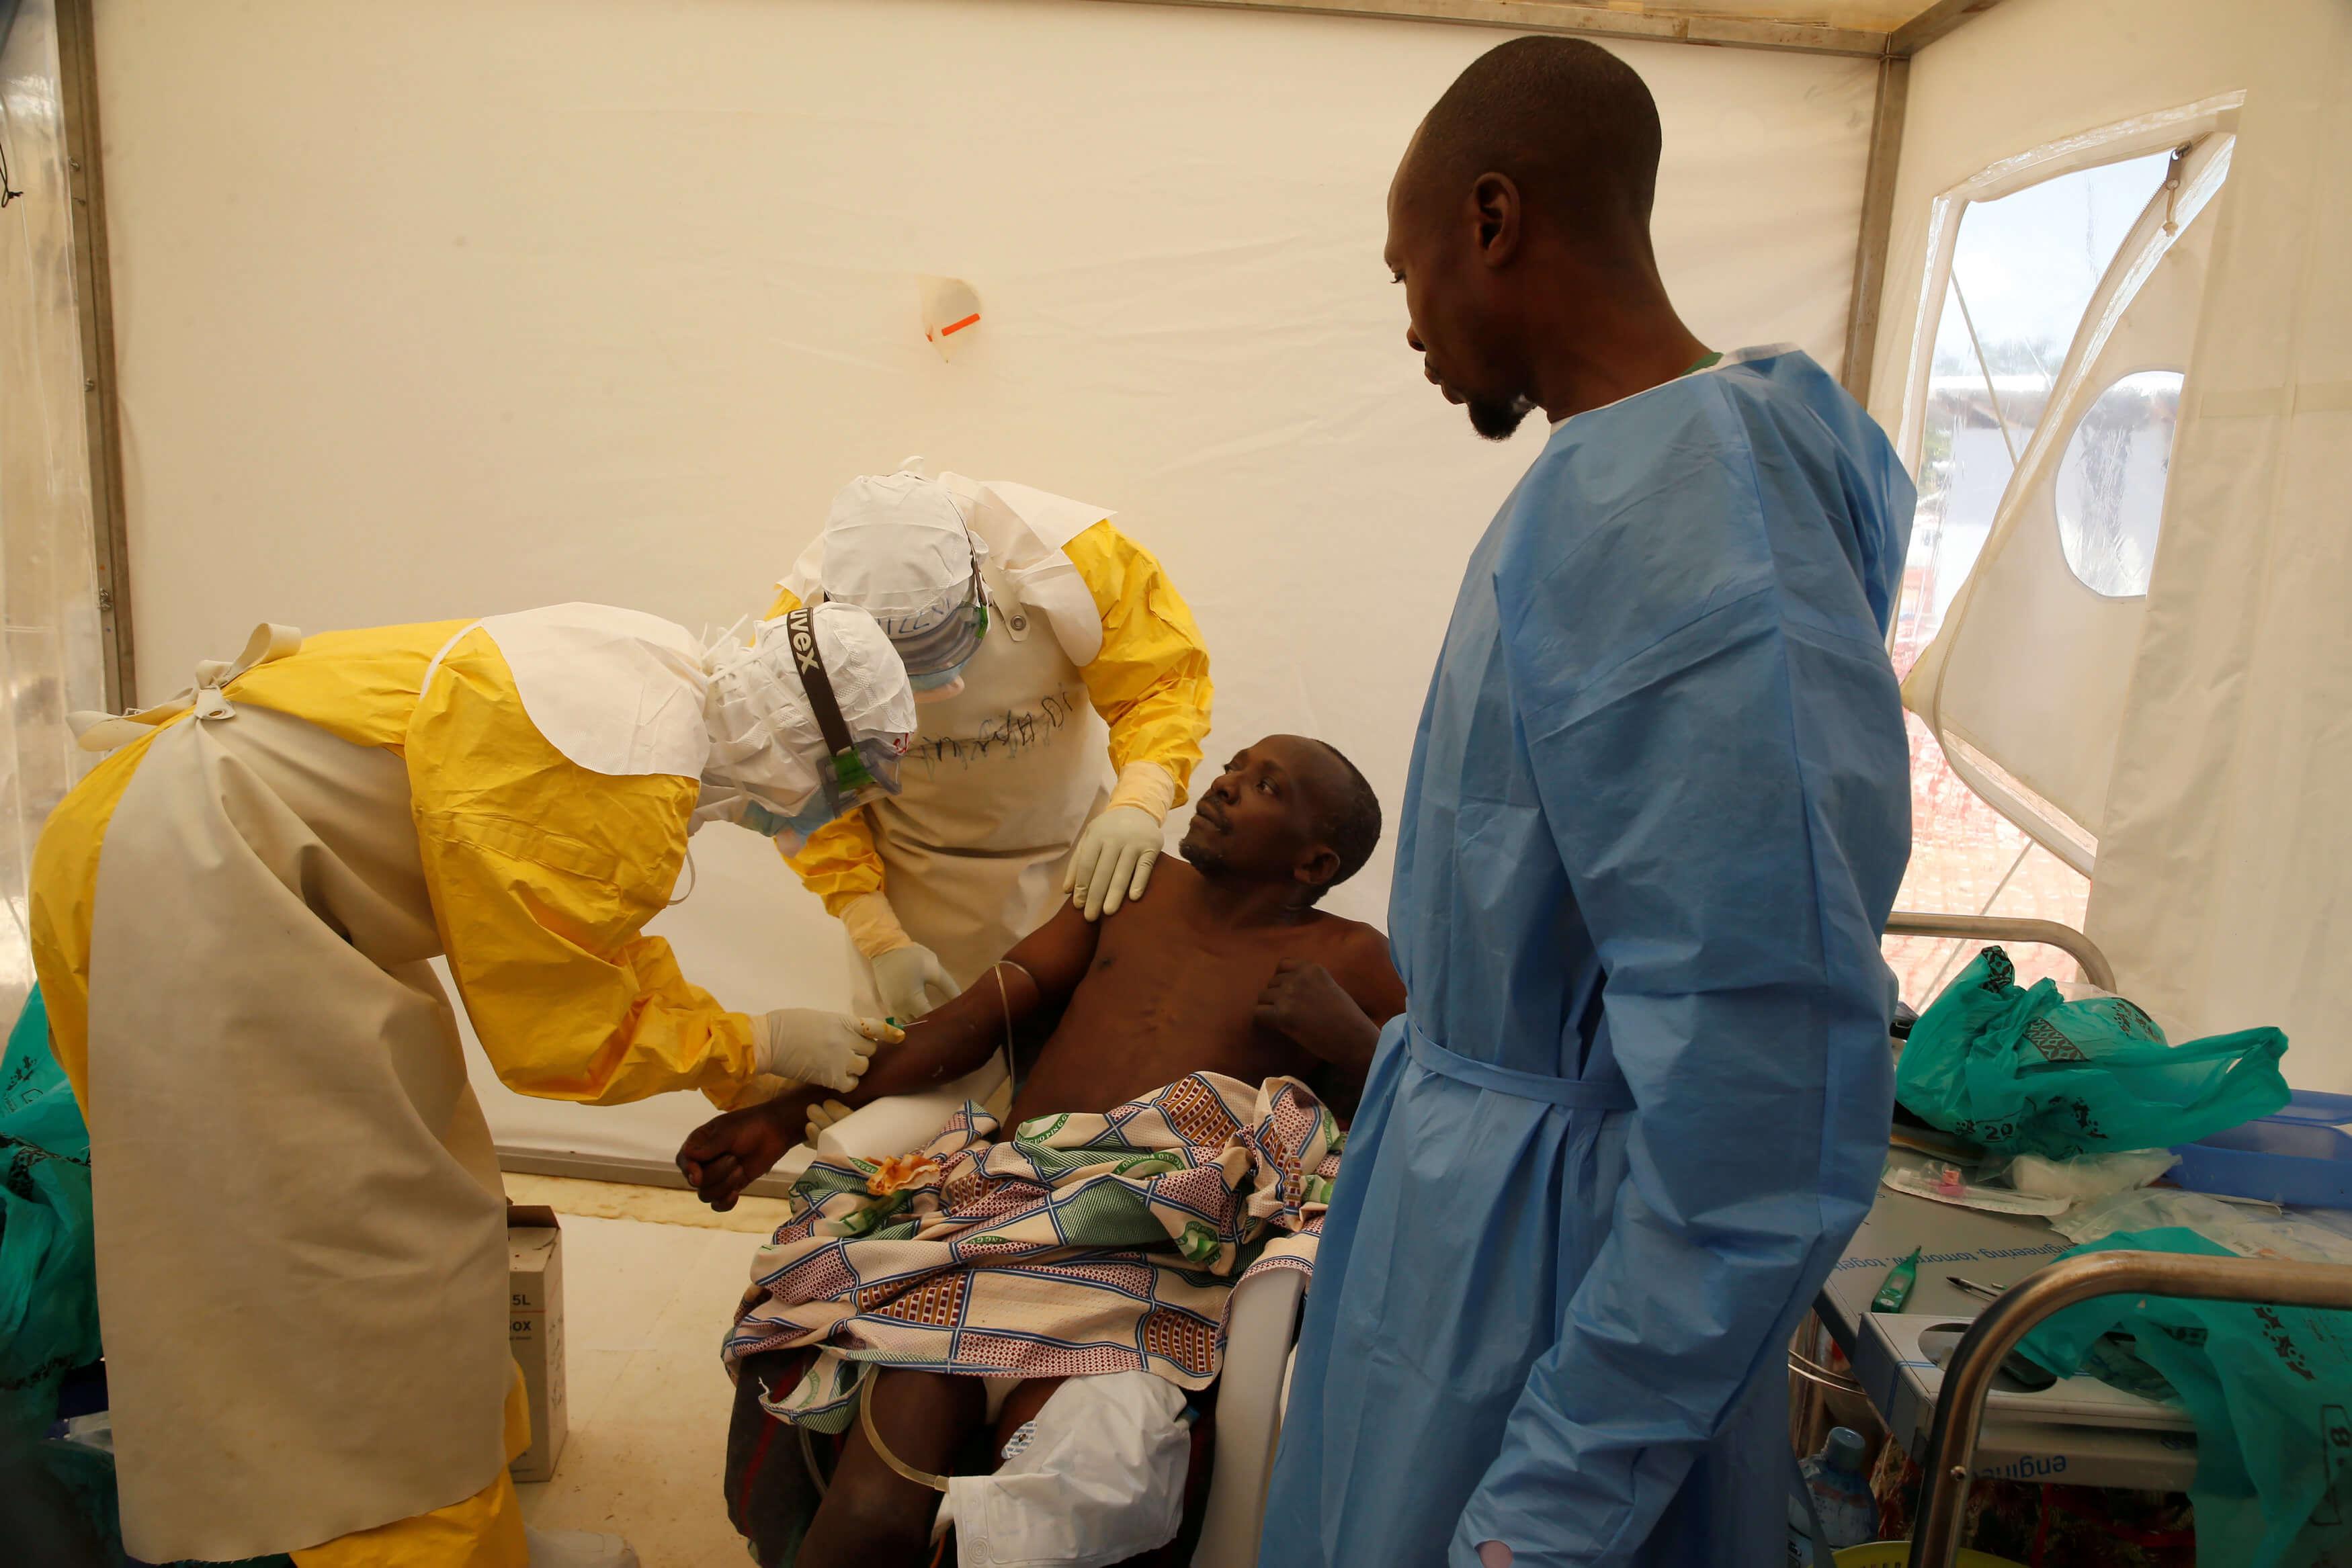 Κονγκό: Τέσσερις νεκροί από Έμπολα – Πολίτες αντιδρούν στα υγειονομικά μέτρα